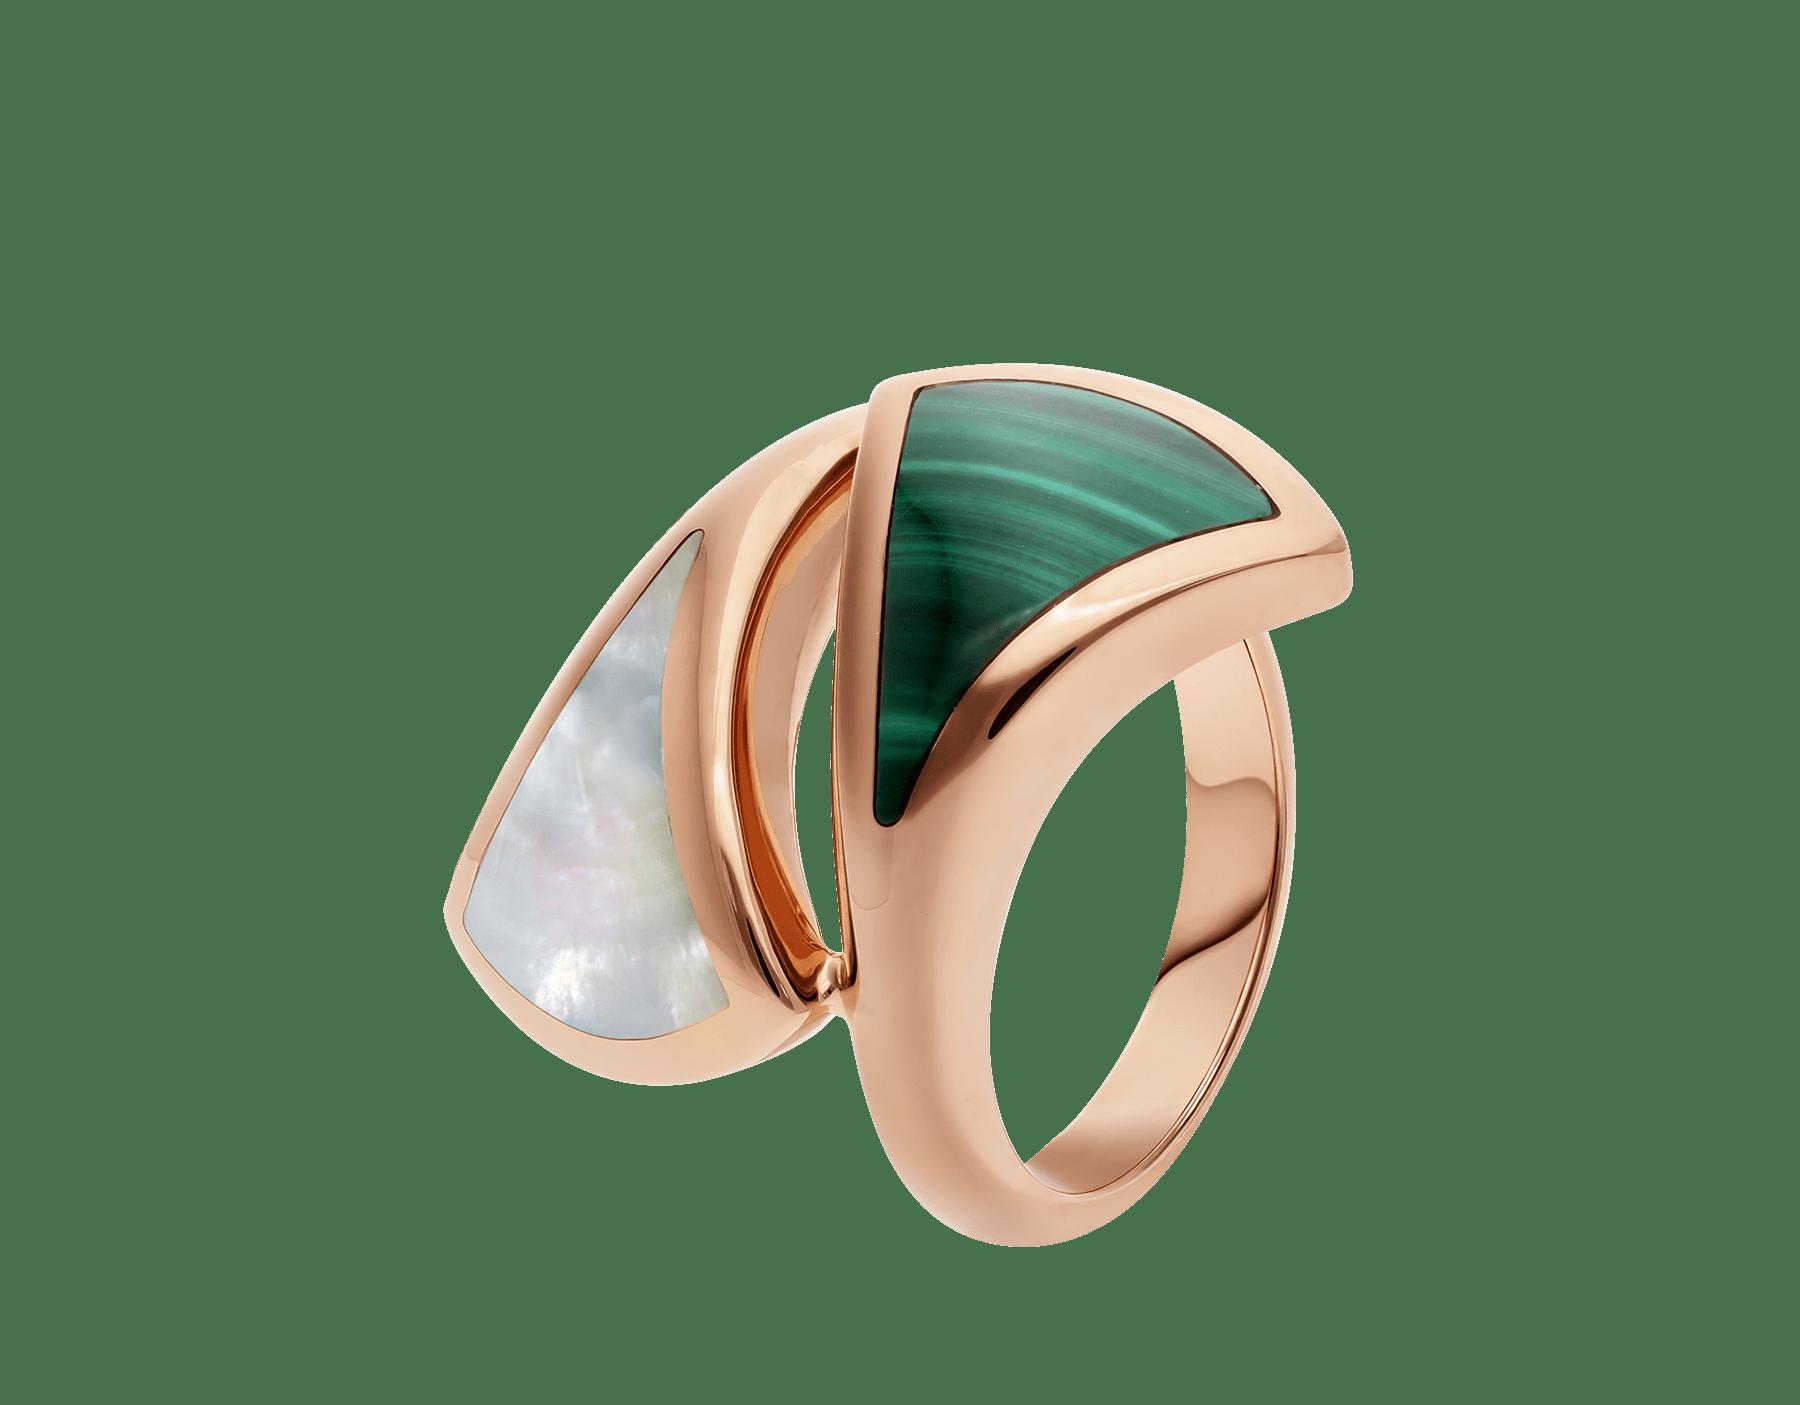 Незамкнутое кольцо DIVAS' DREAM, розовое золото 18 карат, перламутр, малахит. AN857955 image 1